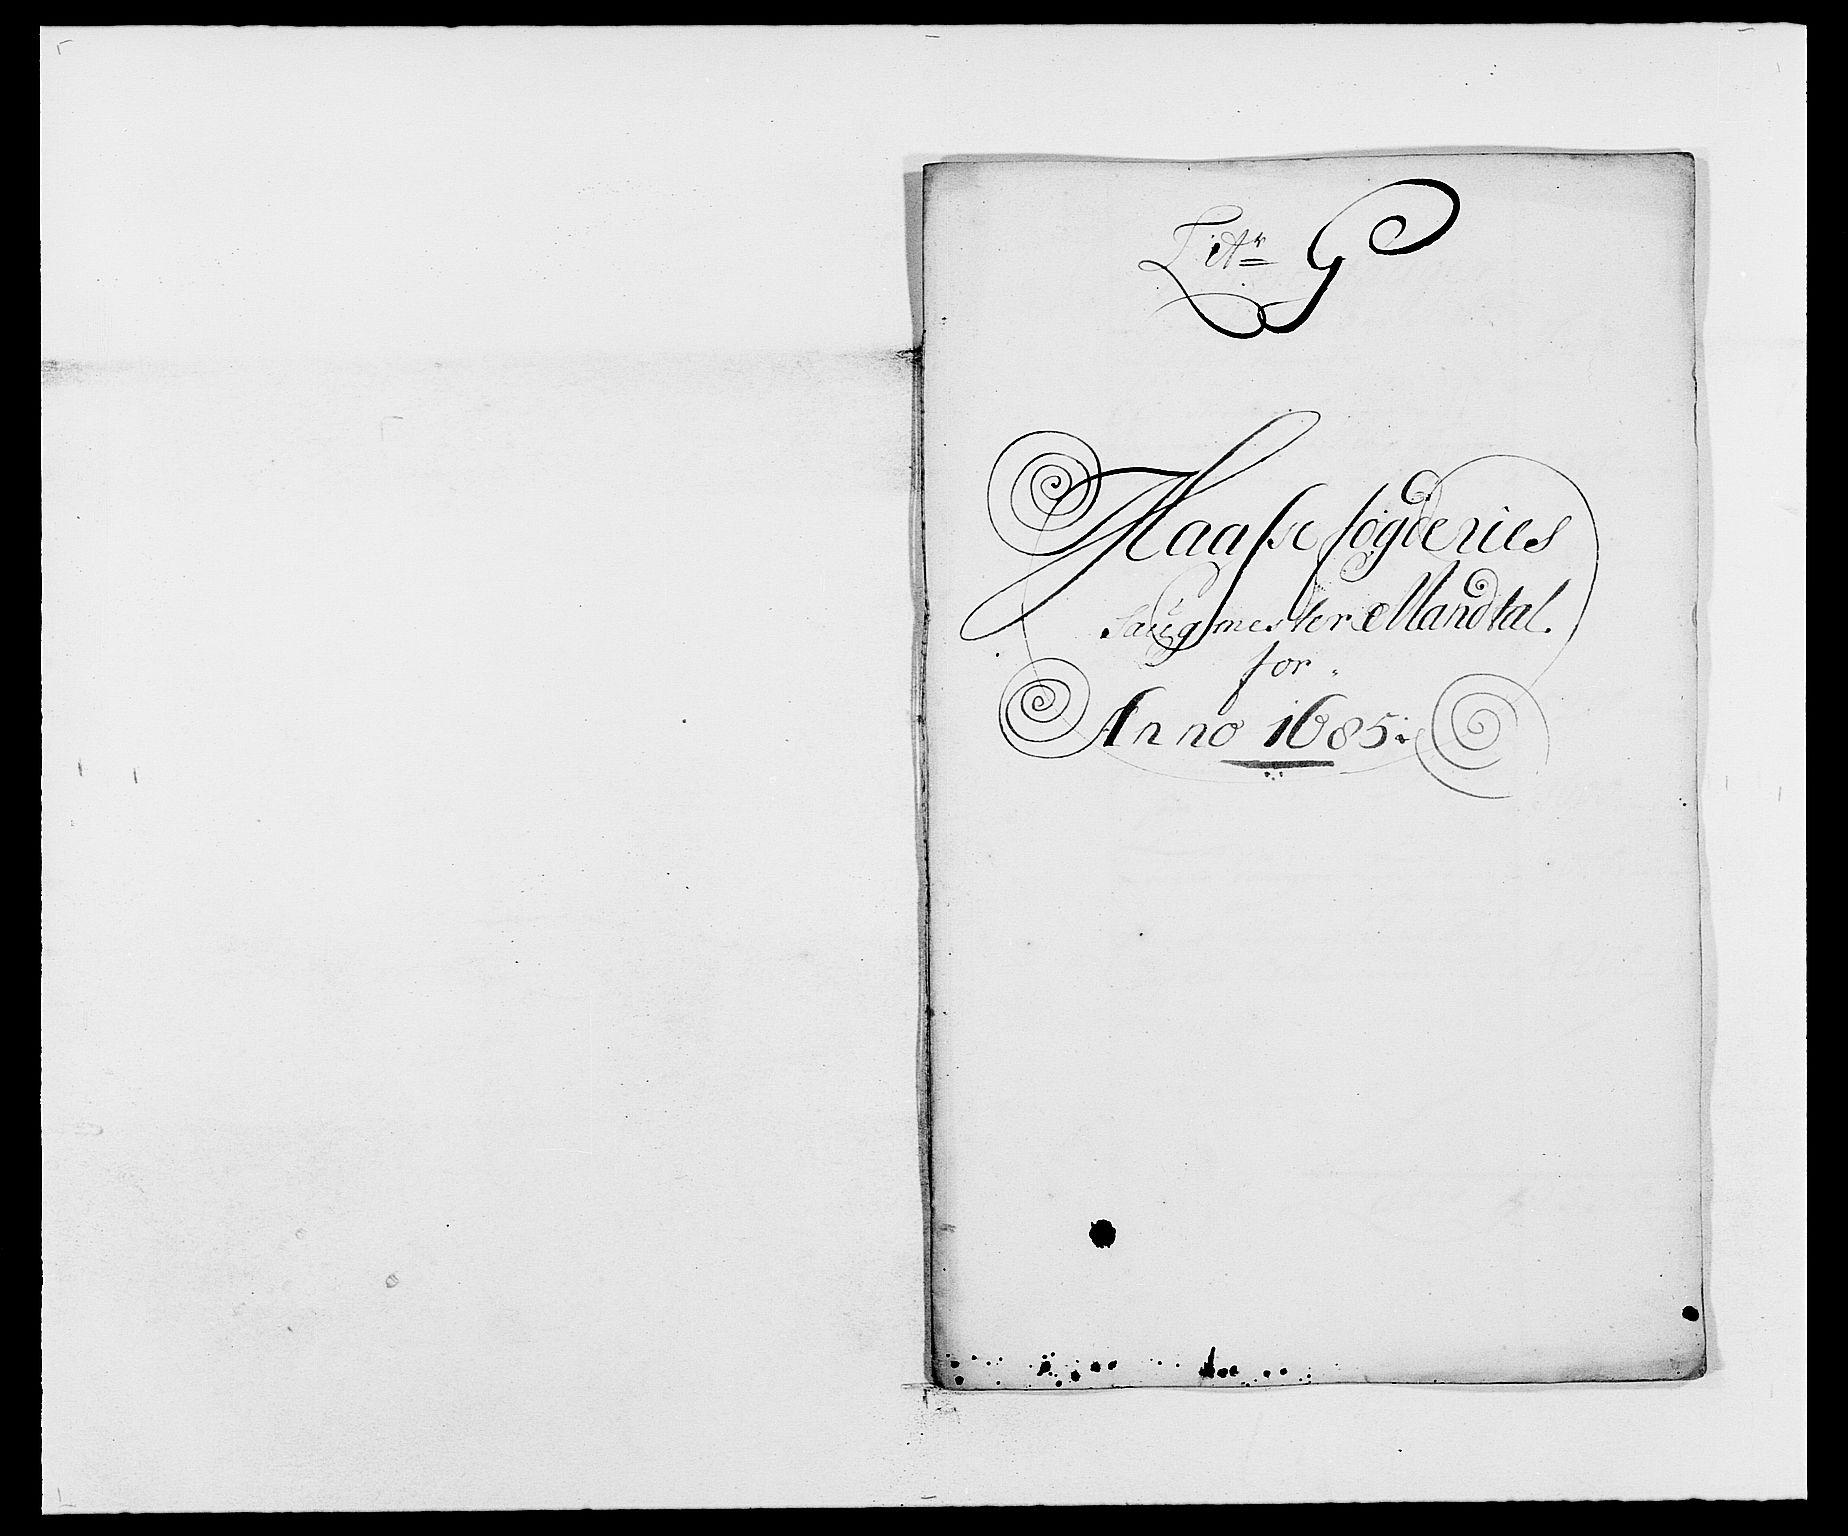 RA, Rentekammeret inntil 1814, Reviderte regnskaper, Fogderegnskap, R02/L0105: Fogderegnskap Moss og Verne kloster, 1685-1687, s. 92